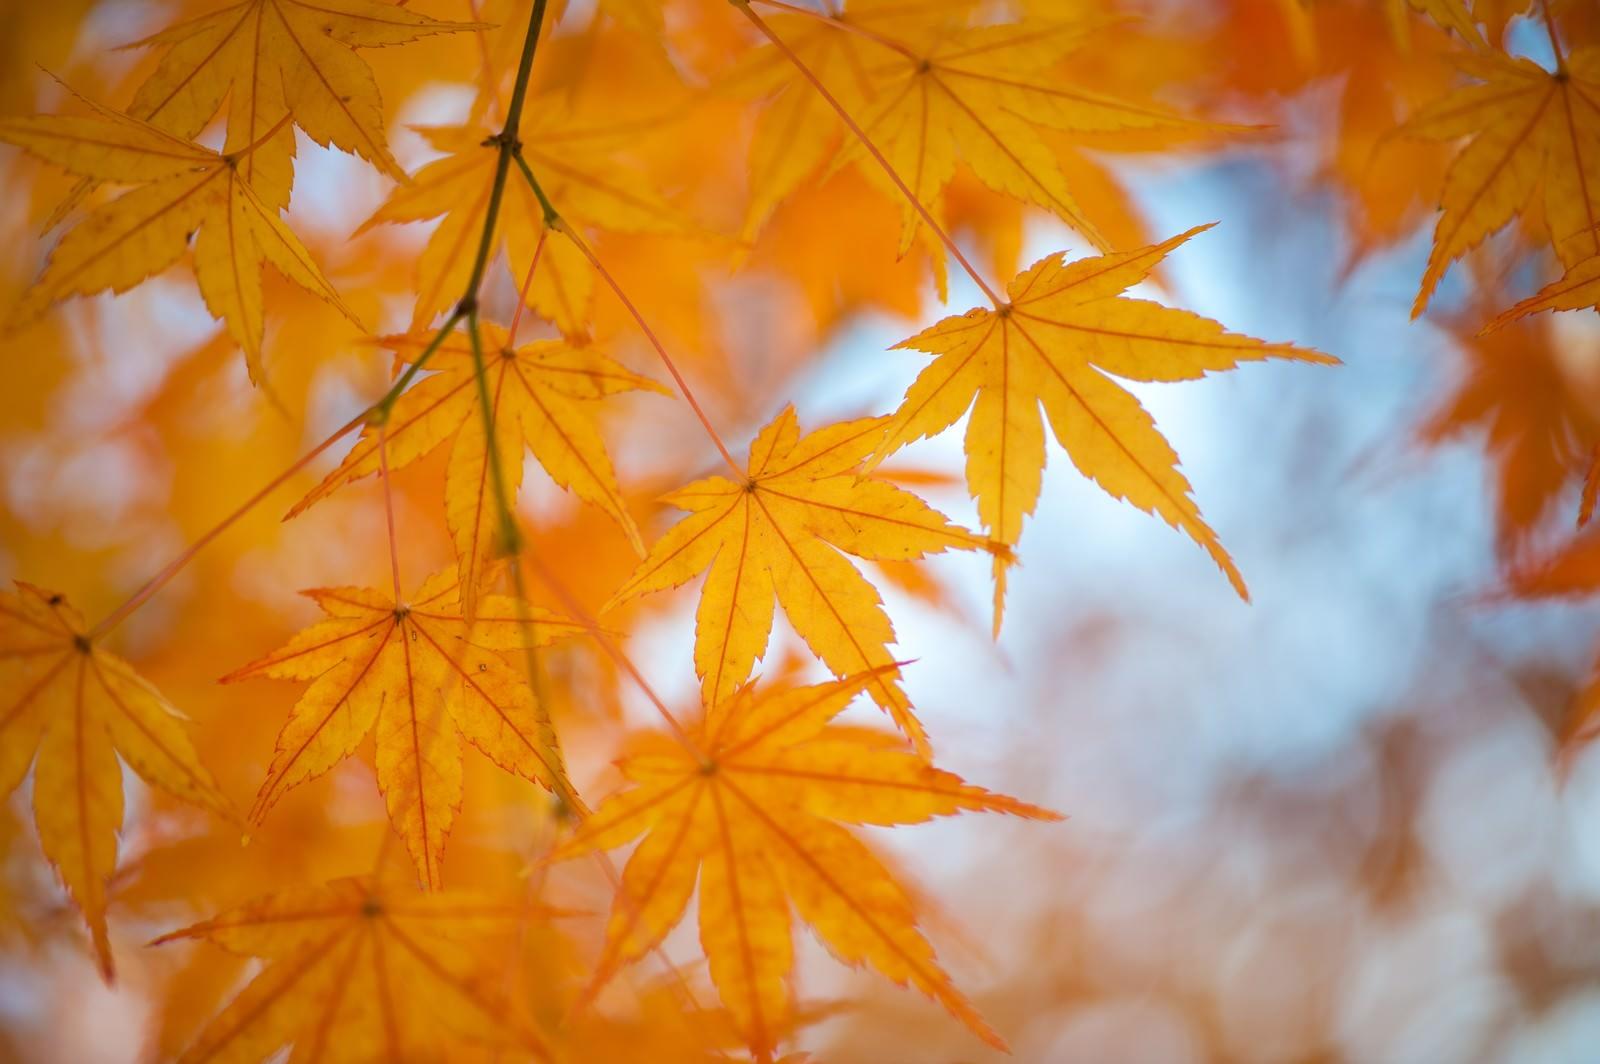 「紅葉の季節紅葉の季節」のフリー写真素材を拡大